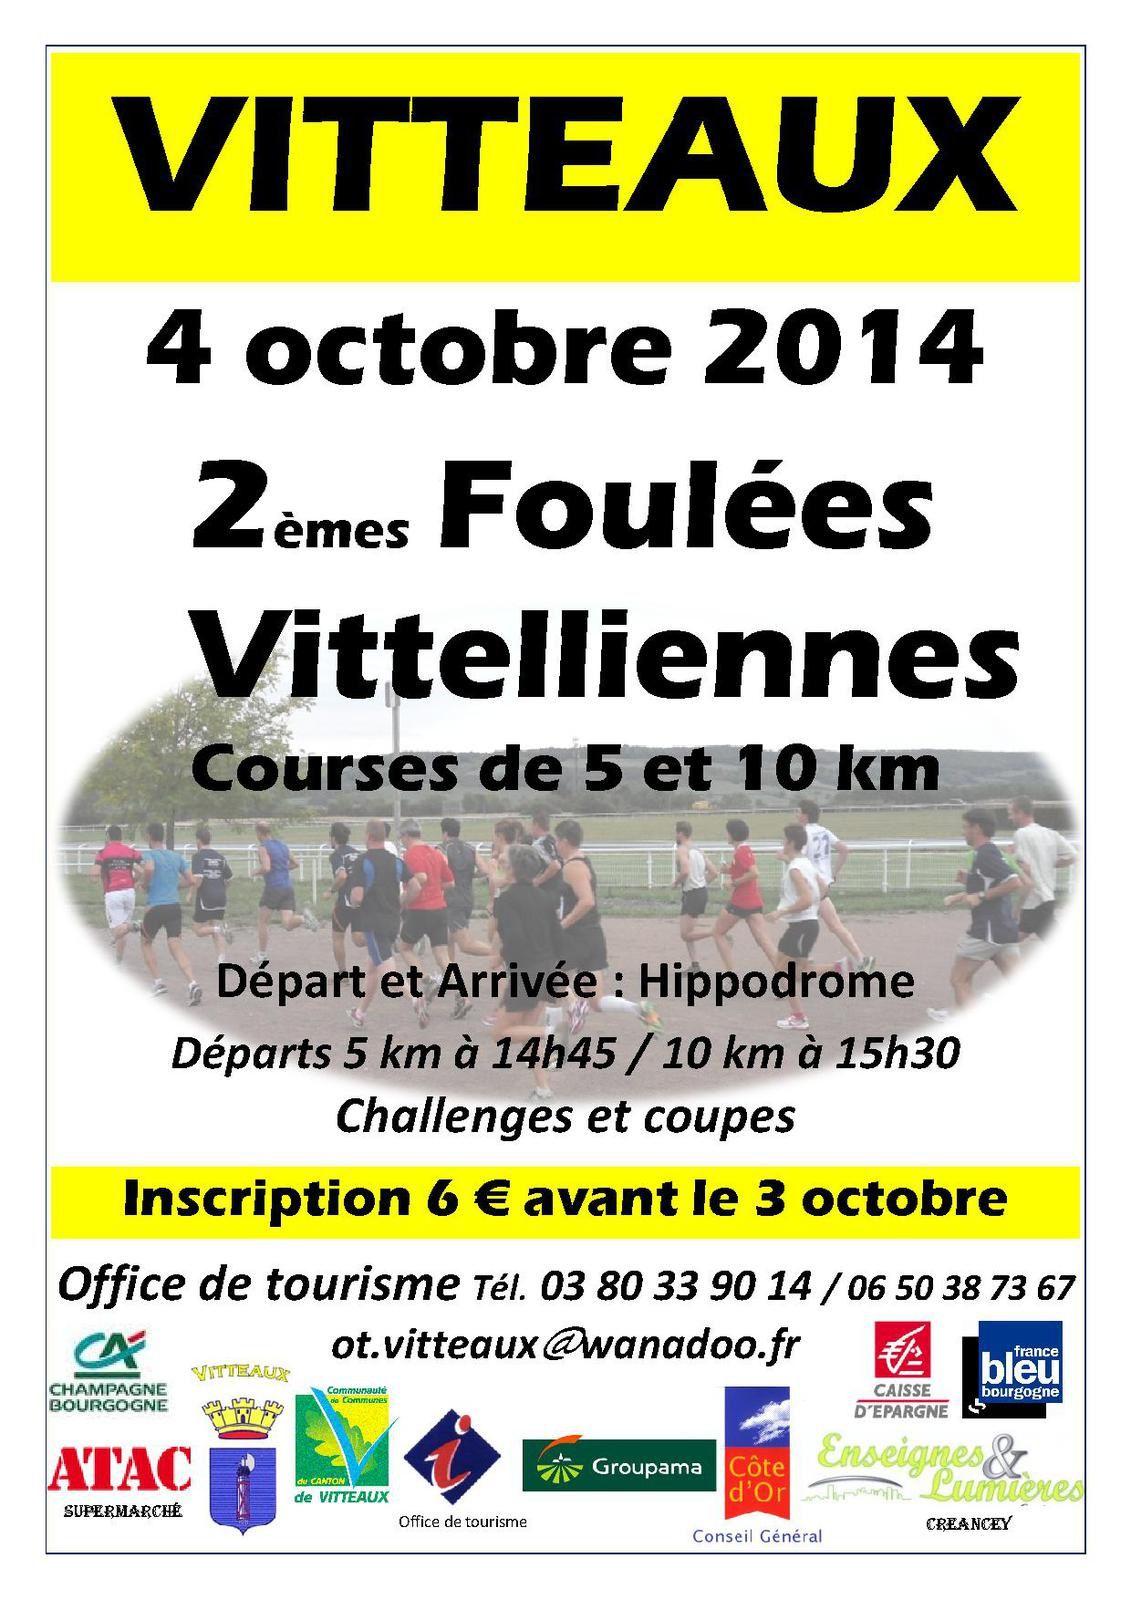 Samedi 4 octobre 2014 - Les Foulées Vittelliennes - Vitteaux